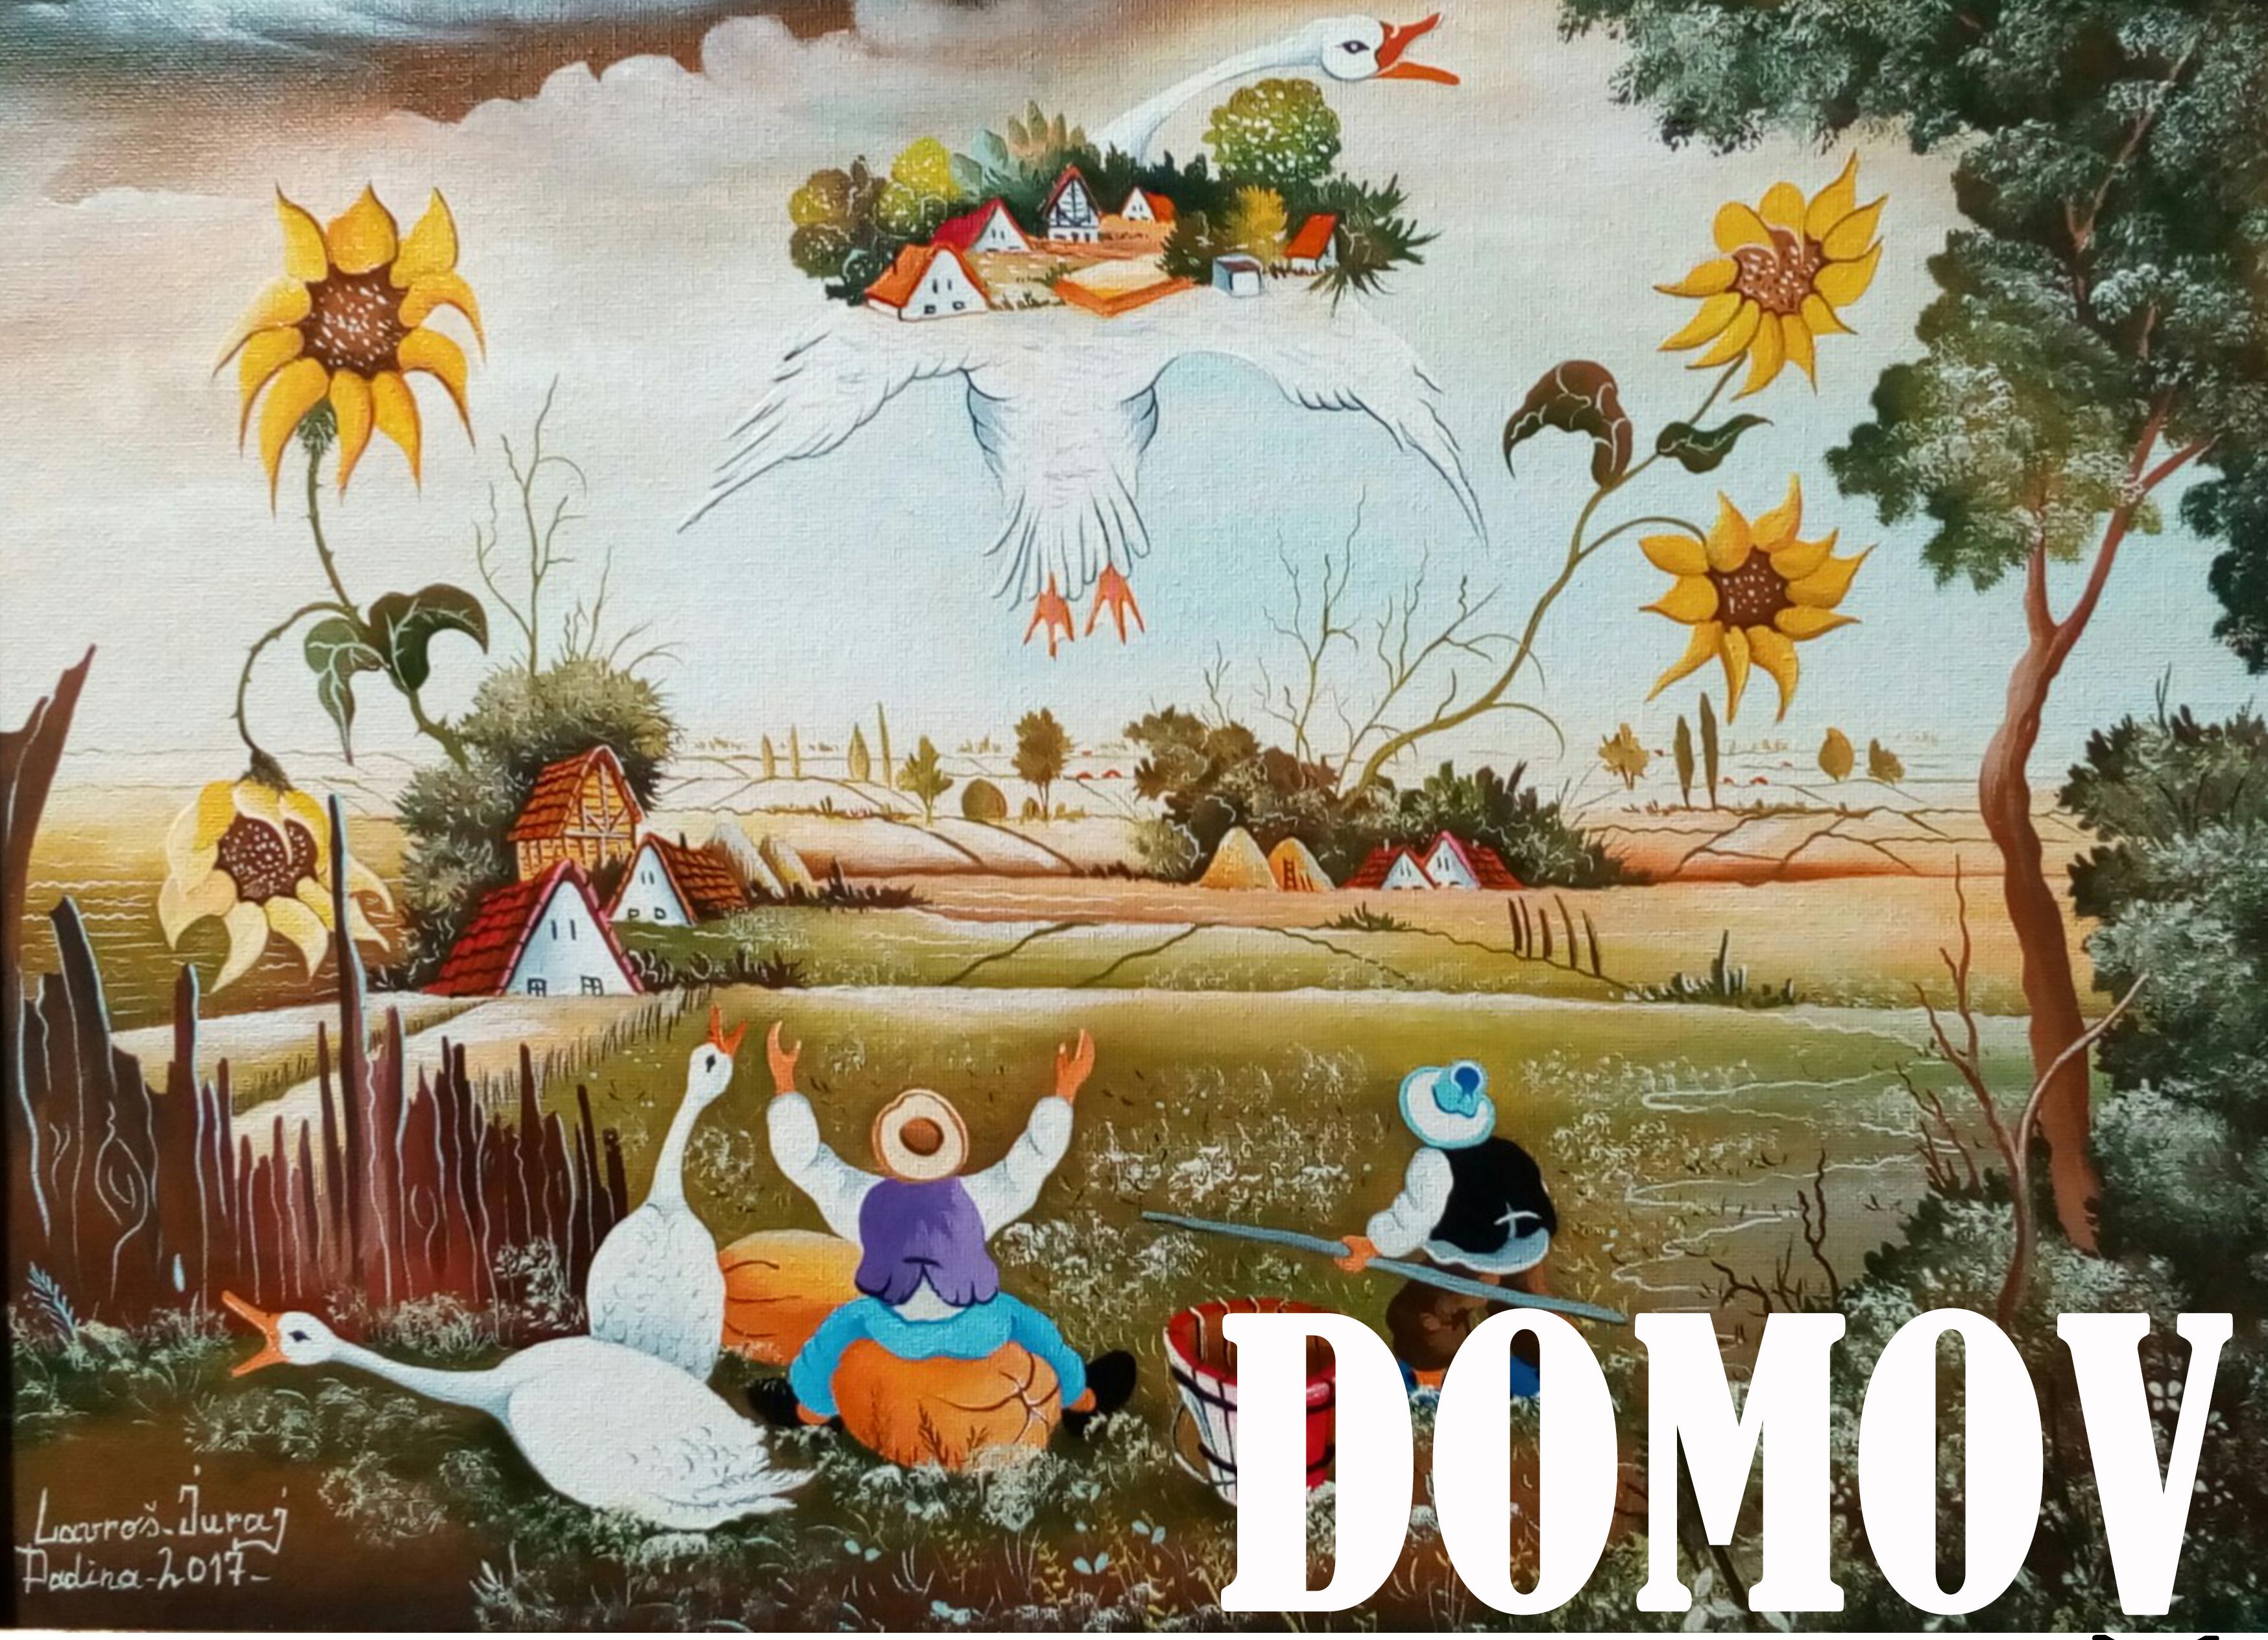 DOMOV vernisáž výstavy insitných maliarov J - Kam v meste  b6e09614c51